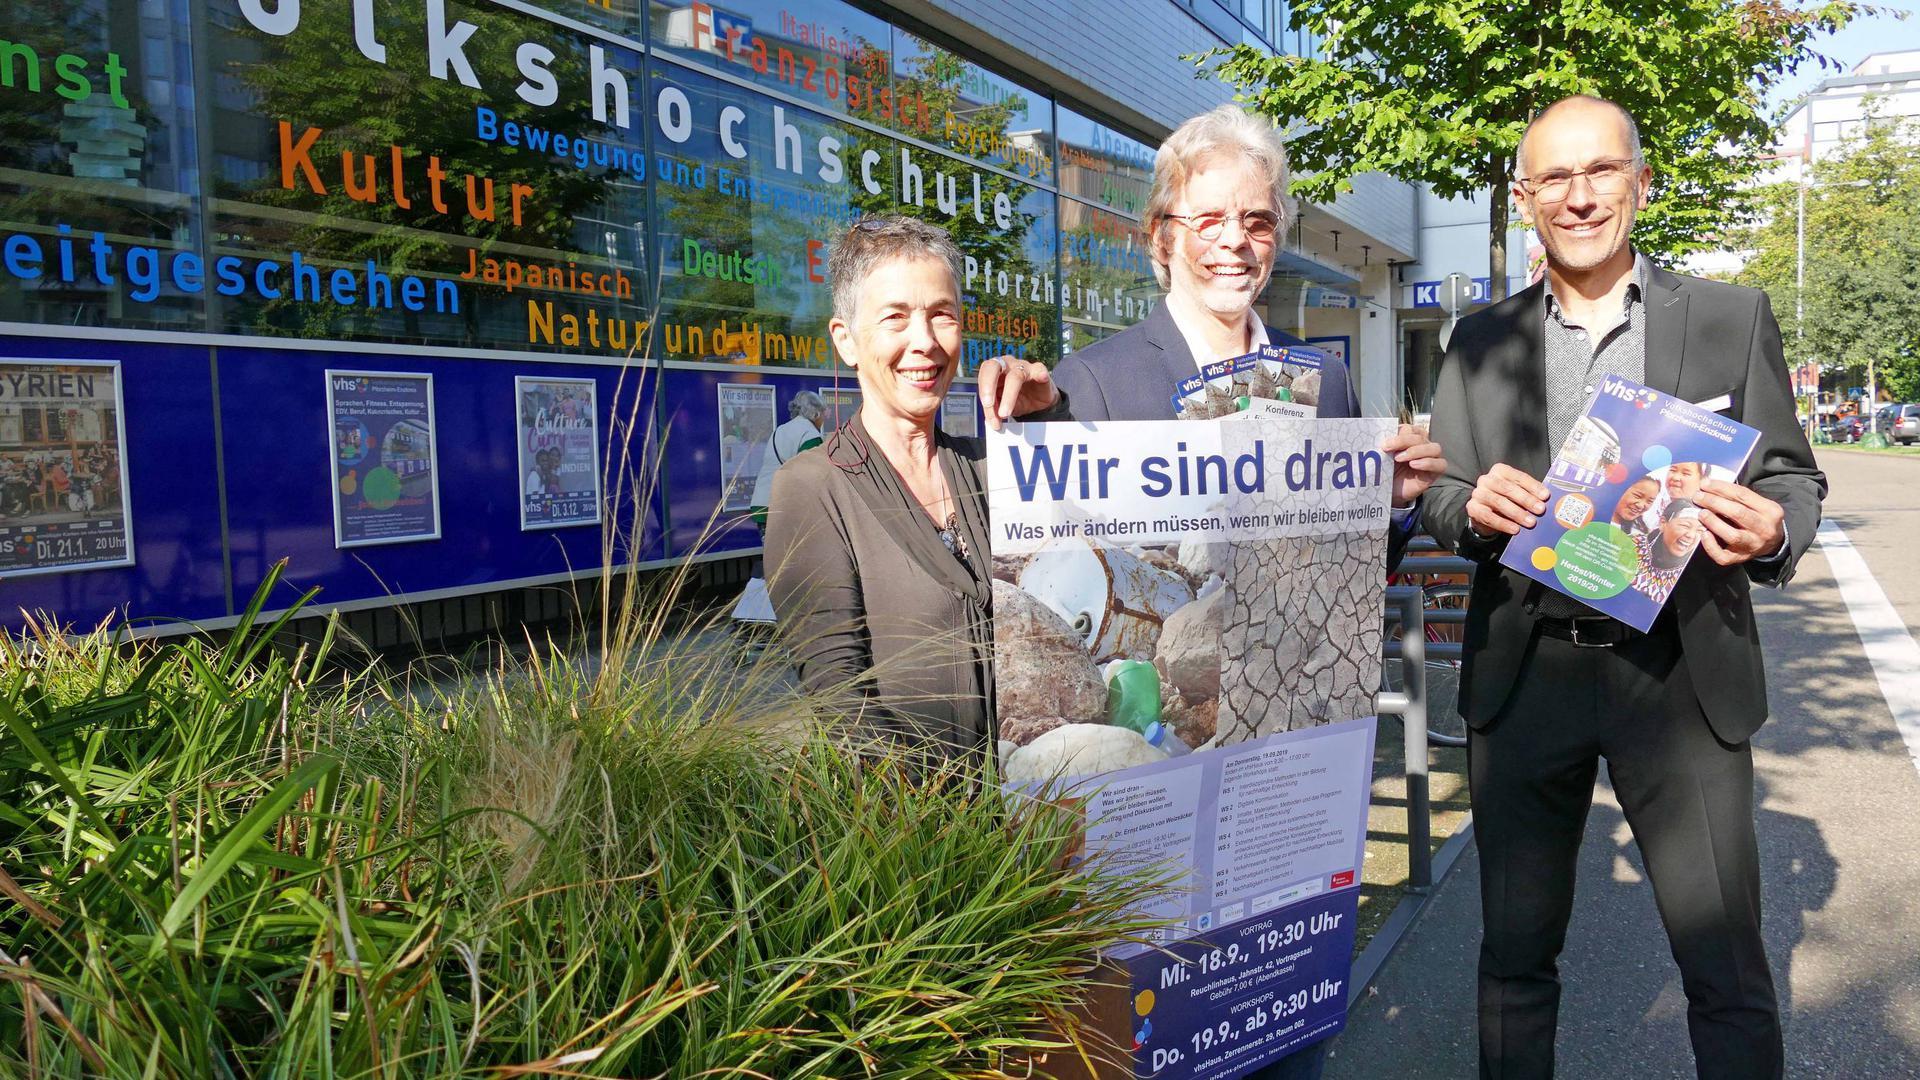 Verantwortung für mehr Nachhaltigkeit wird bei der vhs groß geschrieben: Gabriele Schumacher,  Jürgen Will und Heiko Weimer (von links). Foto: Roth